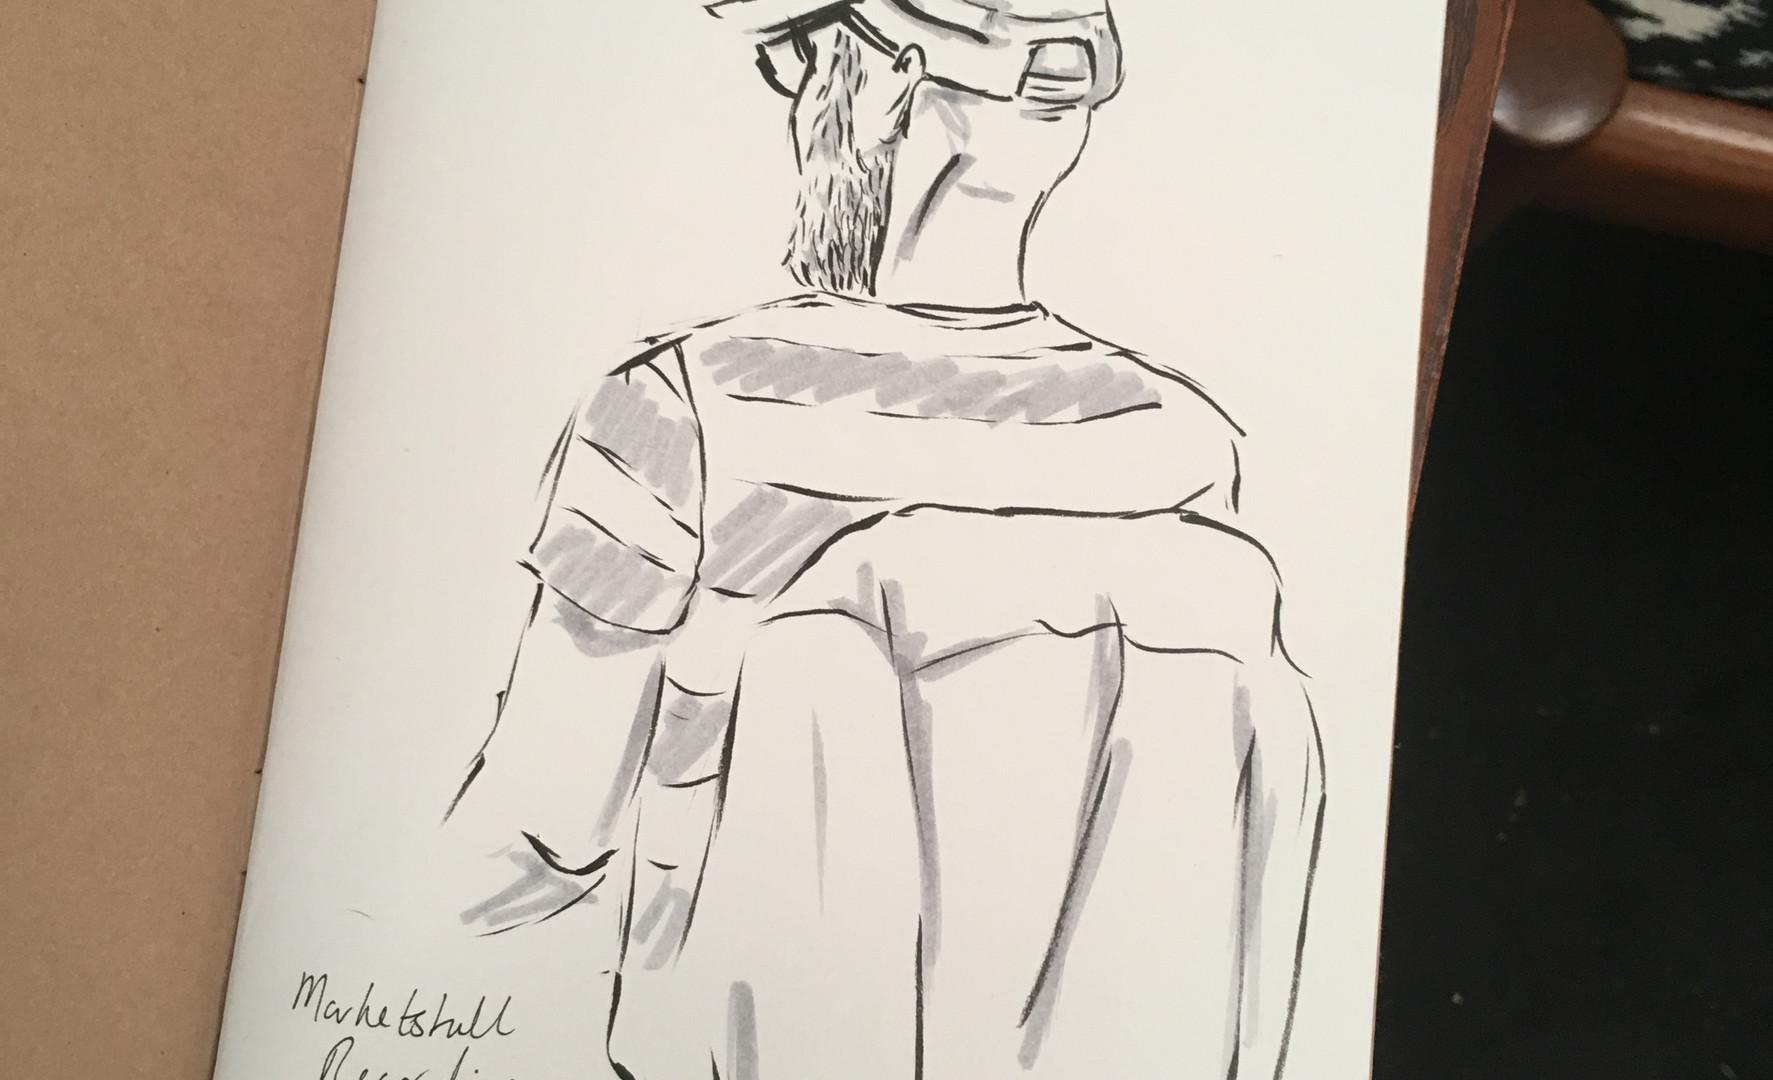 Mark Sketch by Concrete Bones